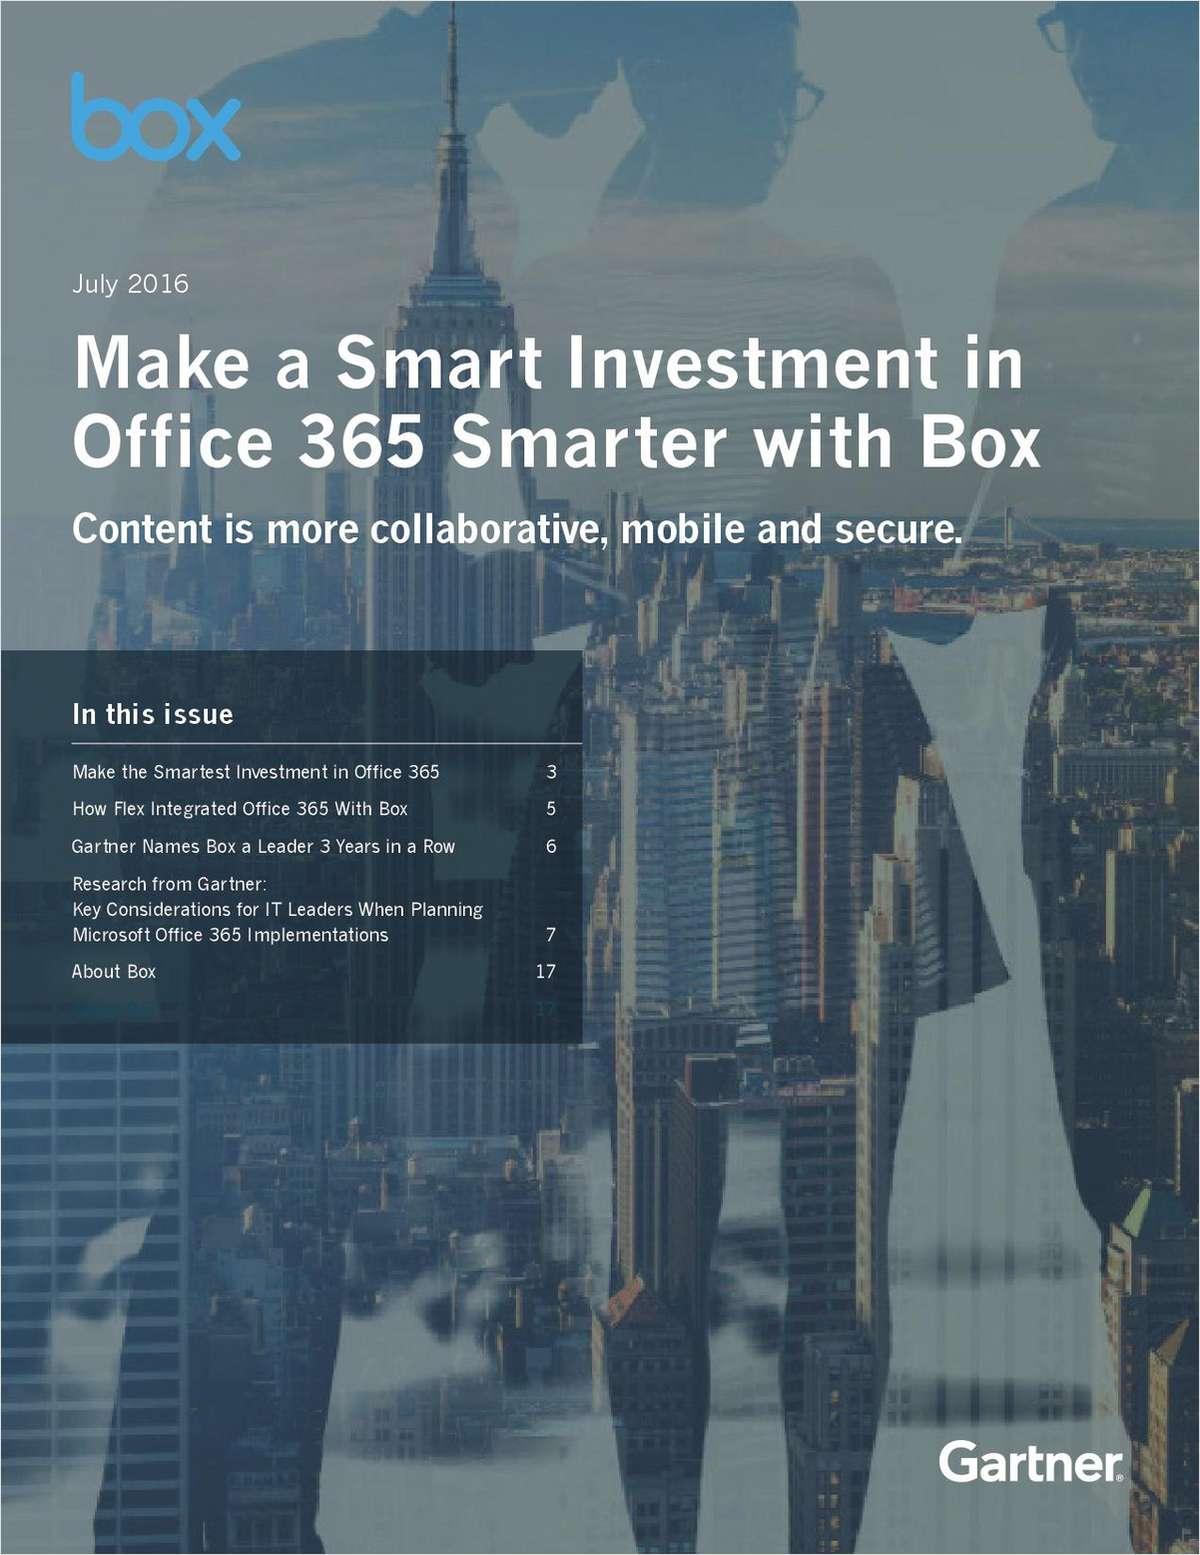 Gartner + Box O365: Make a Smart Investment in Office 365 Smarter